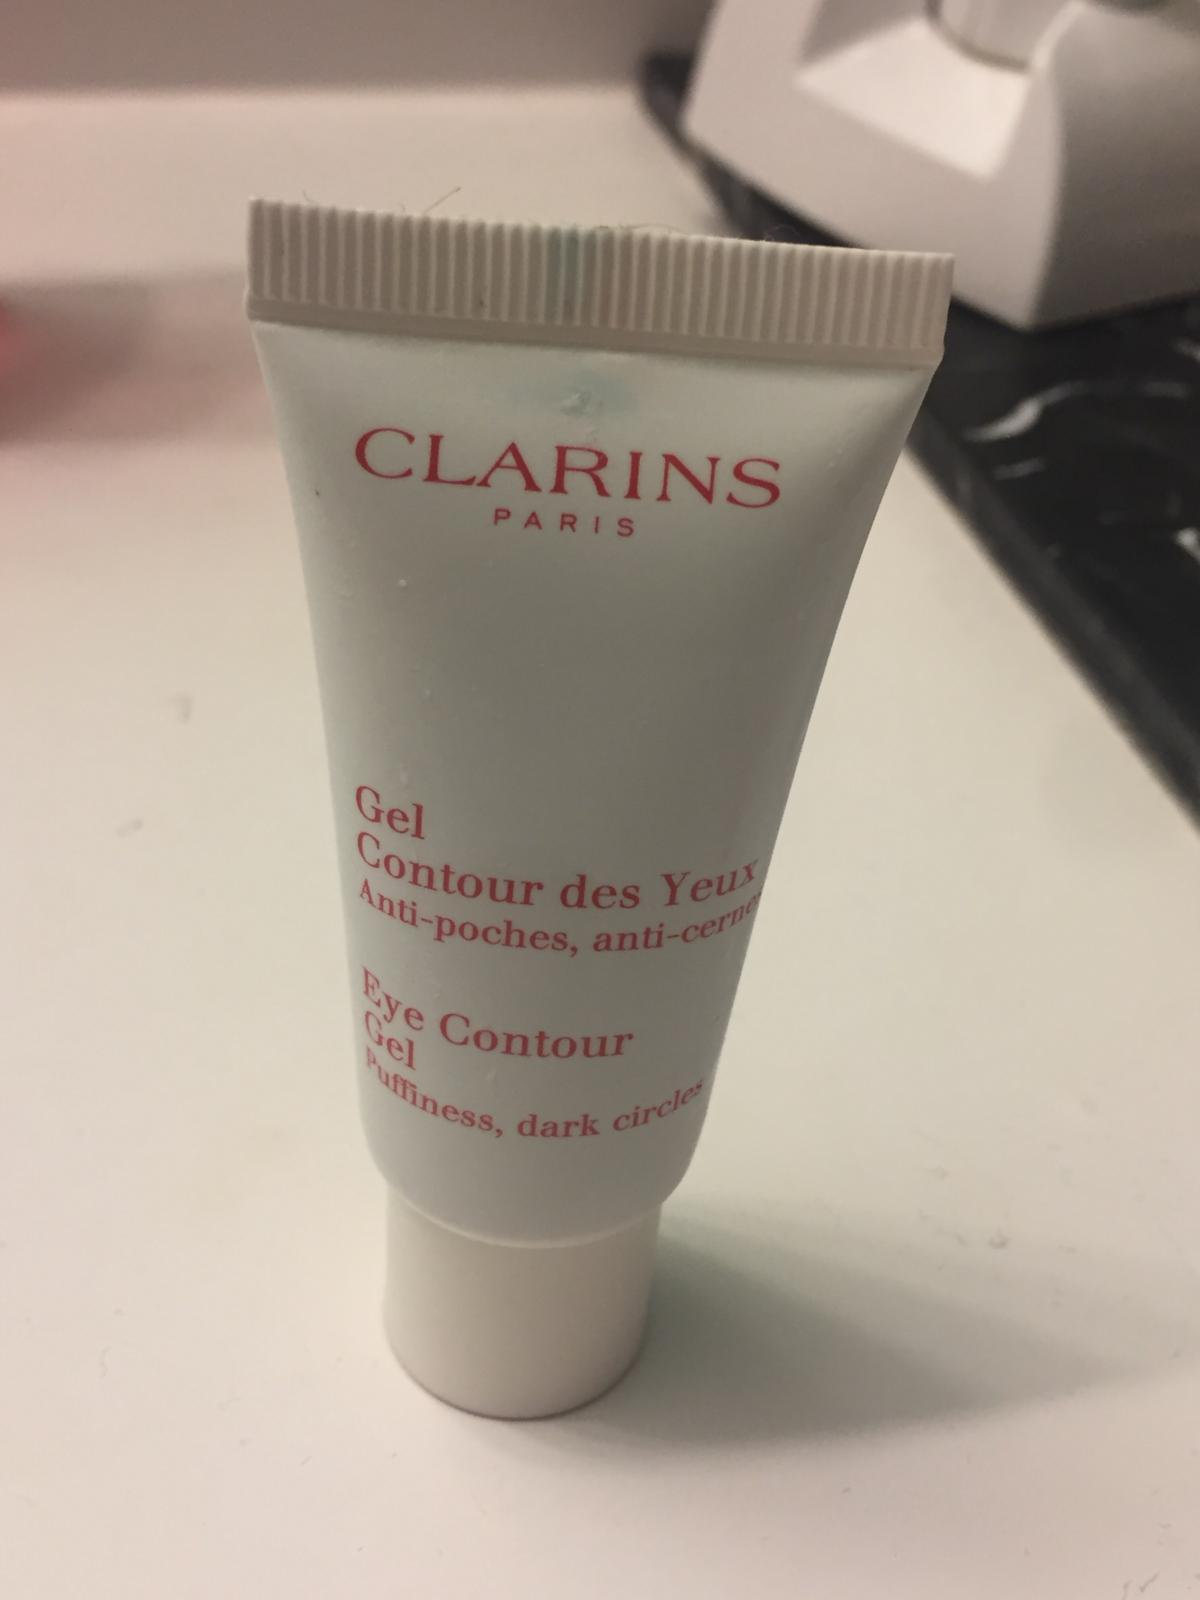 Clarins Eye Contour Gel bagside